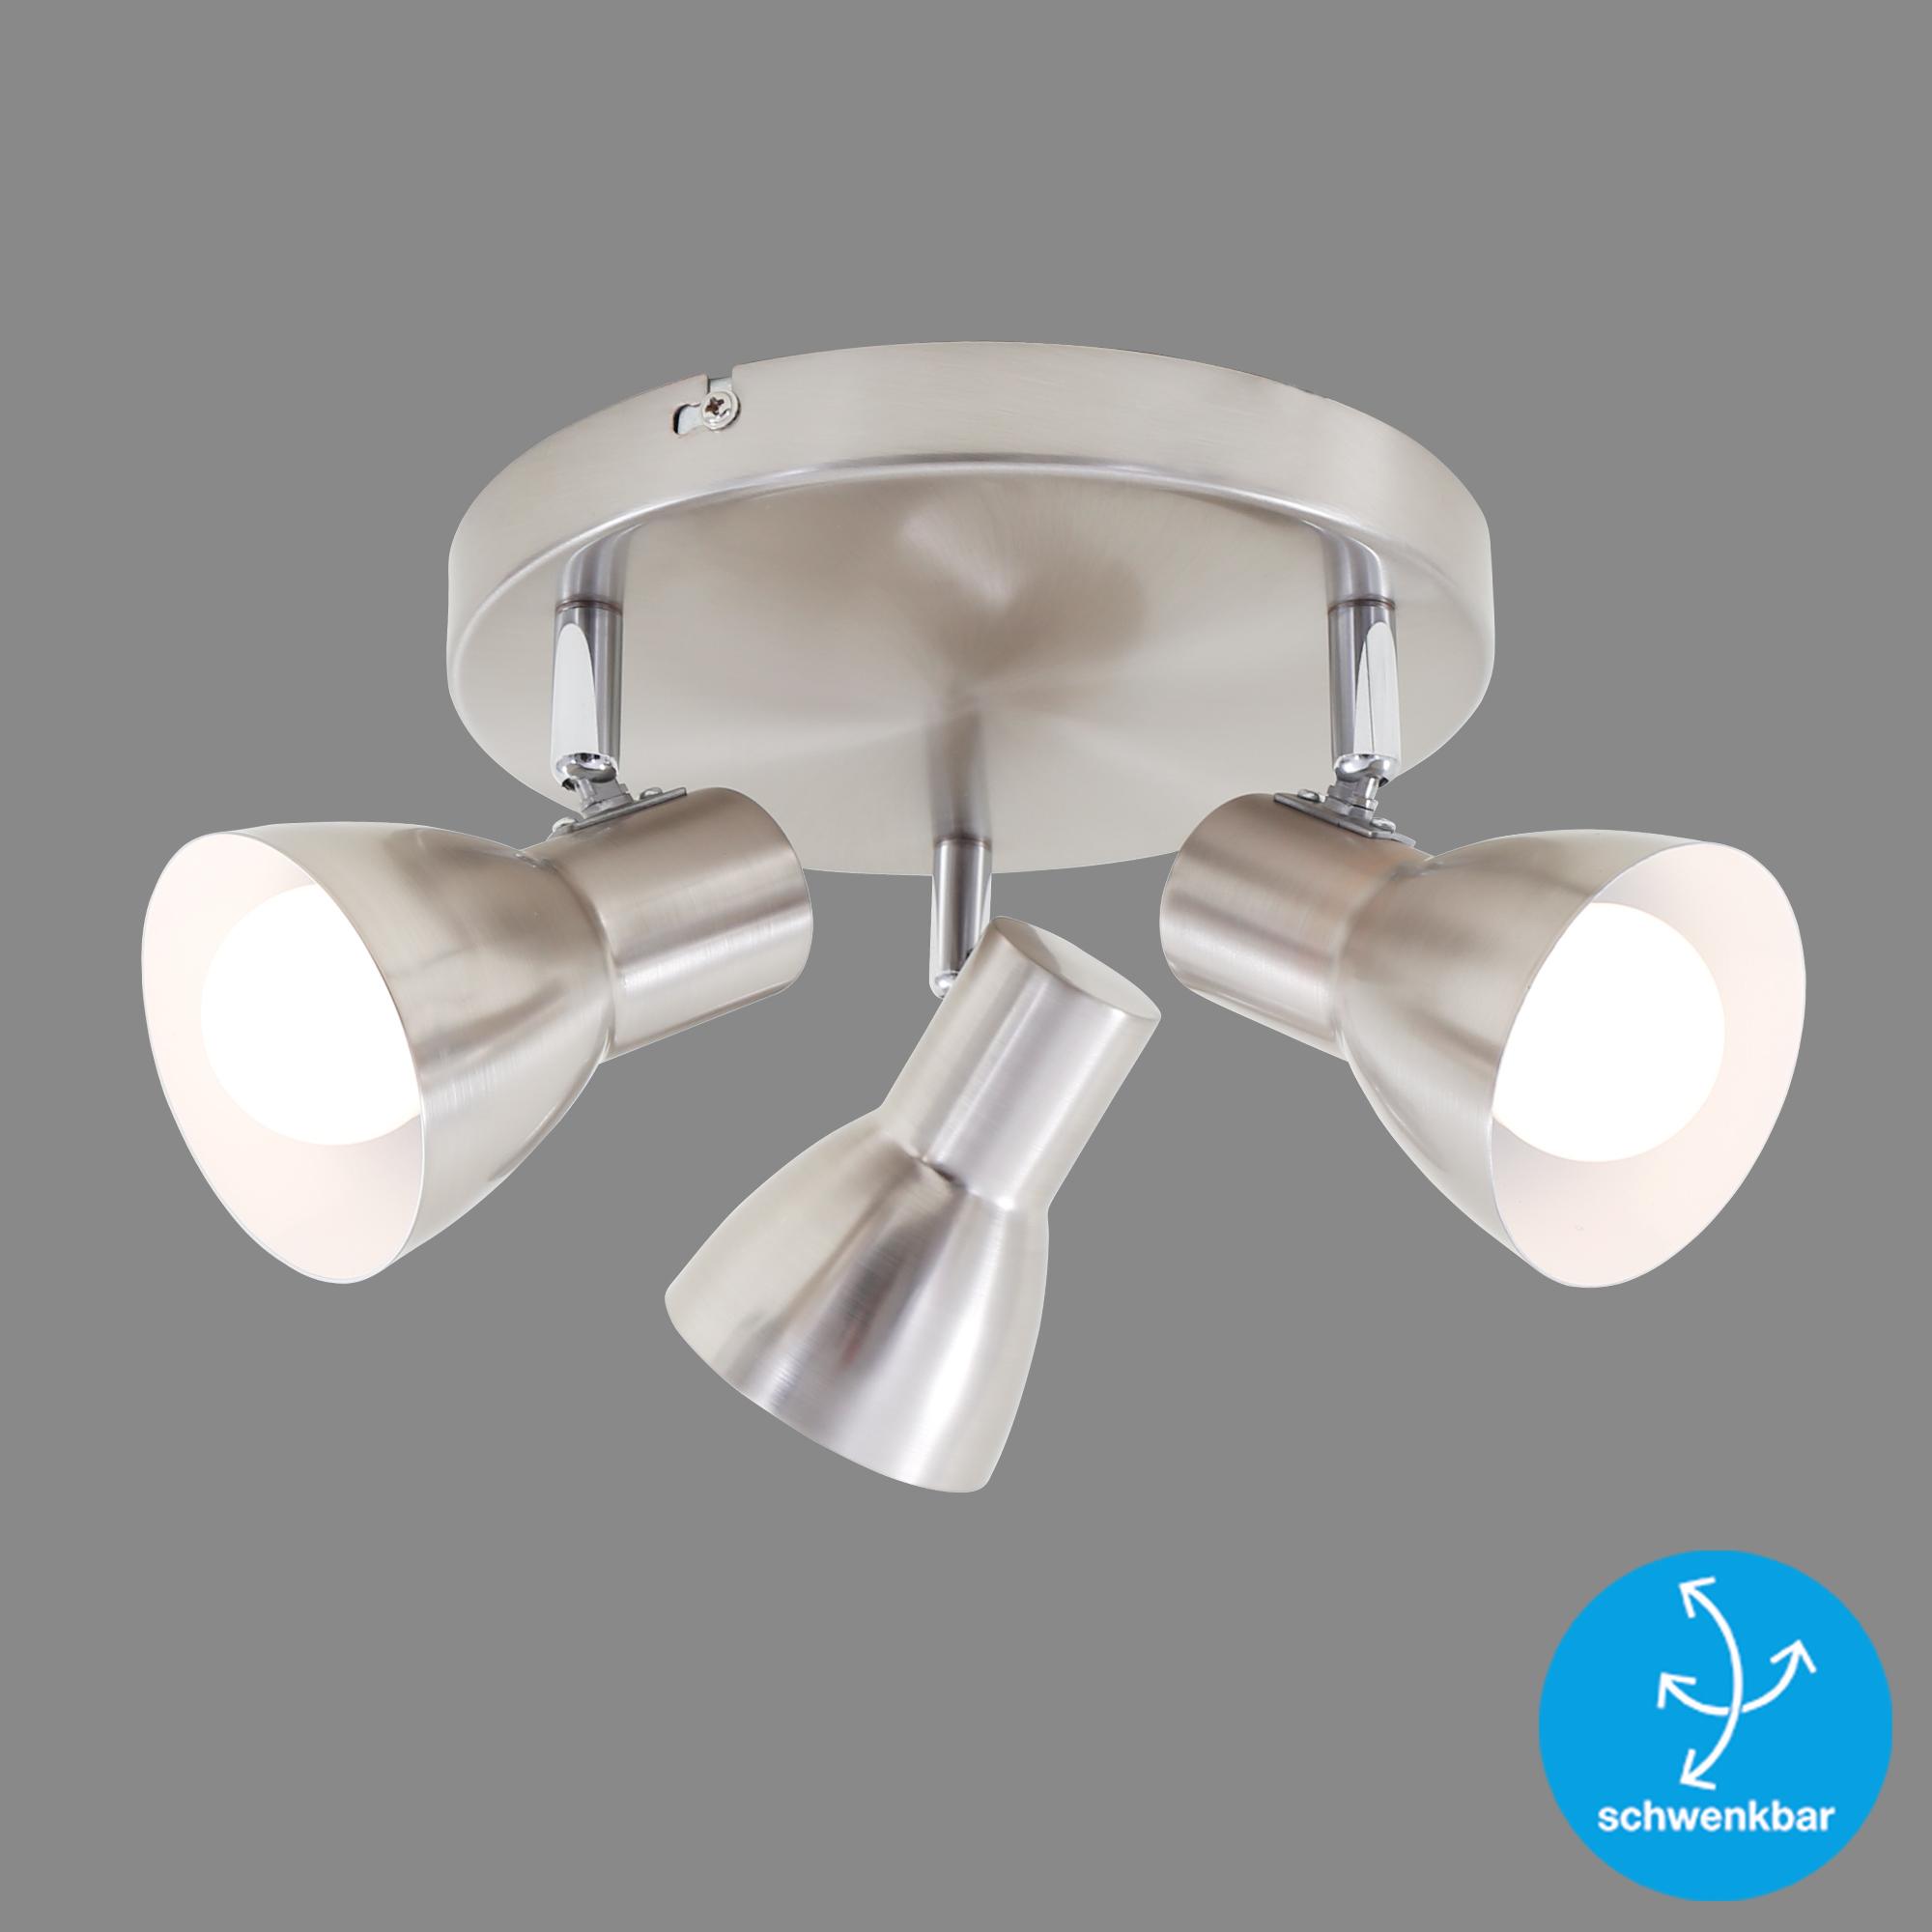 LED Spot Deckenleuchte, Ø 21 cm, max. 25 W, Matt-Nickel